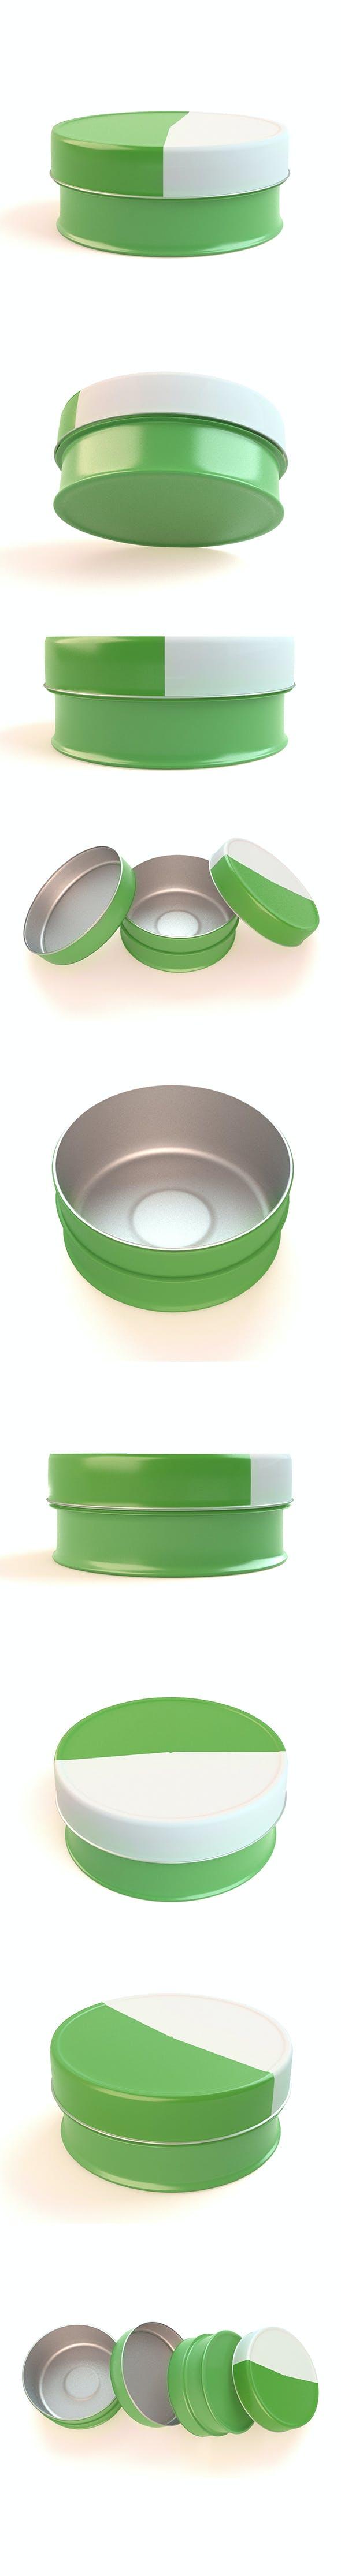 3d vaseline Models - 3DOcean Item for Sale